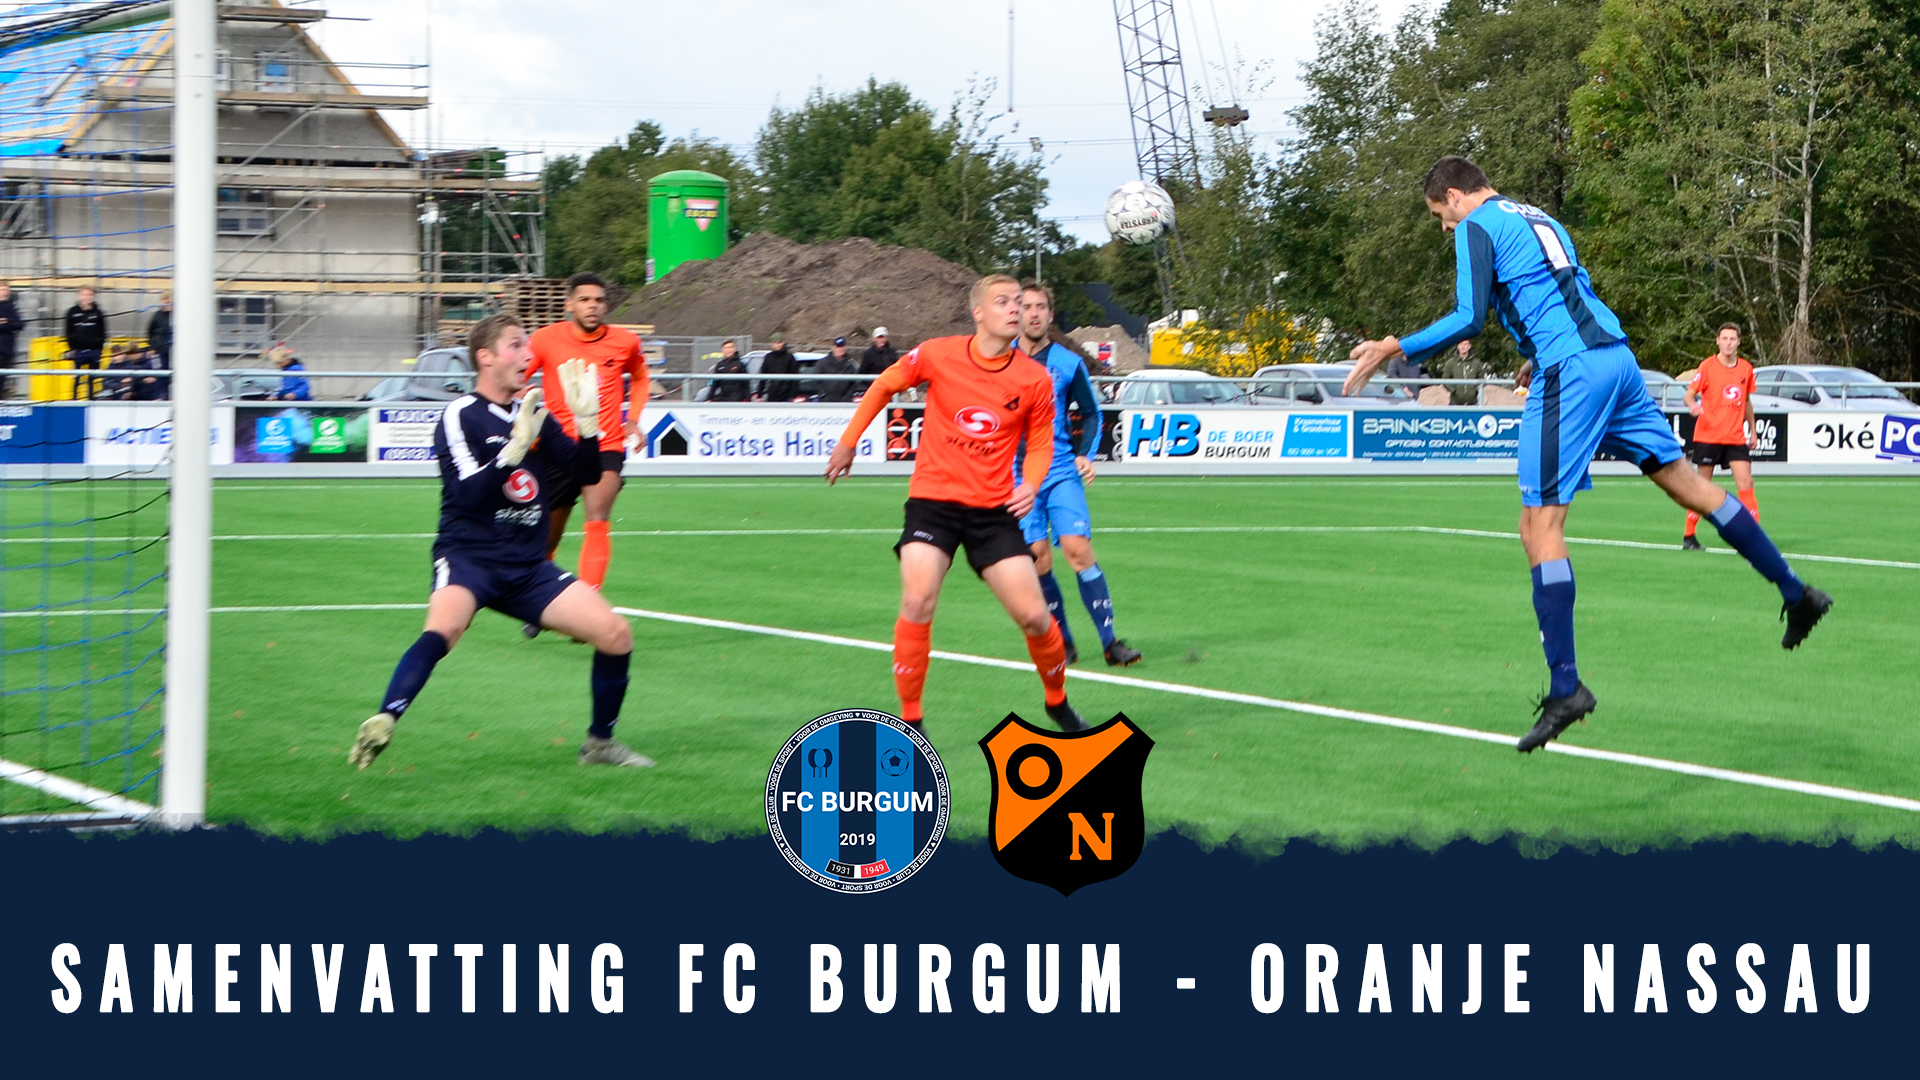 🎥 Samenvatting FC Burgum - Oranje Nassau